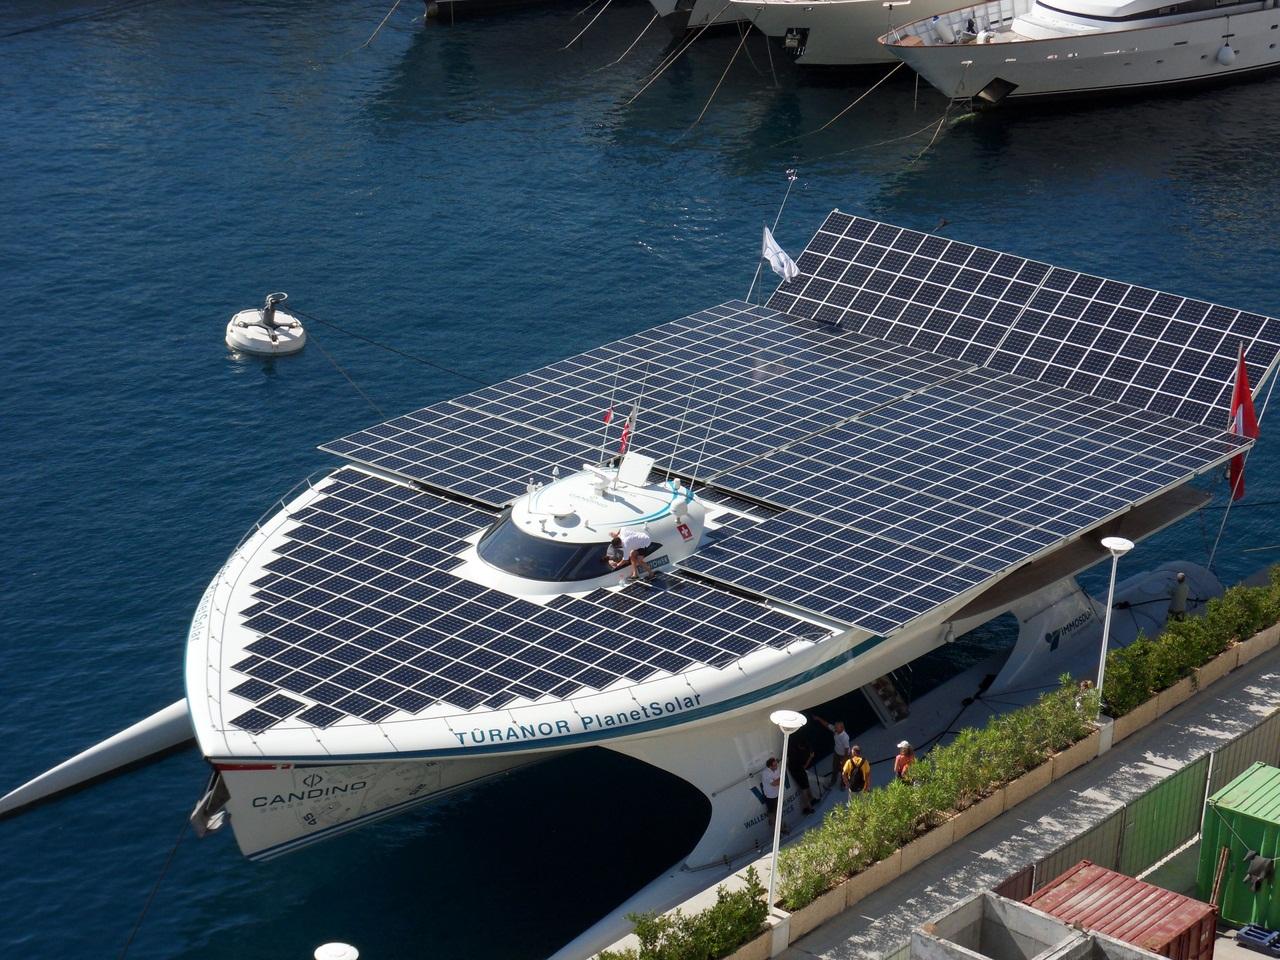 изображения солнечная батарея для яхты гарнитуры: